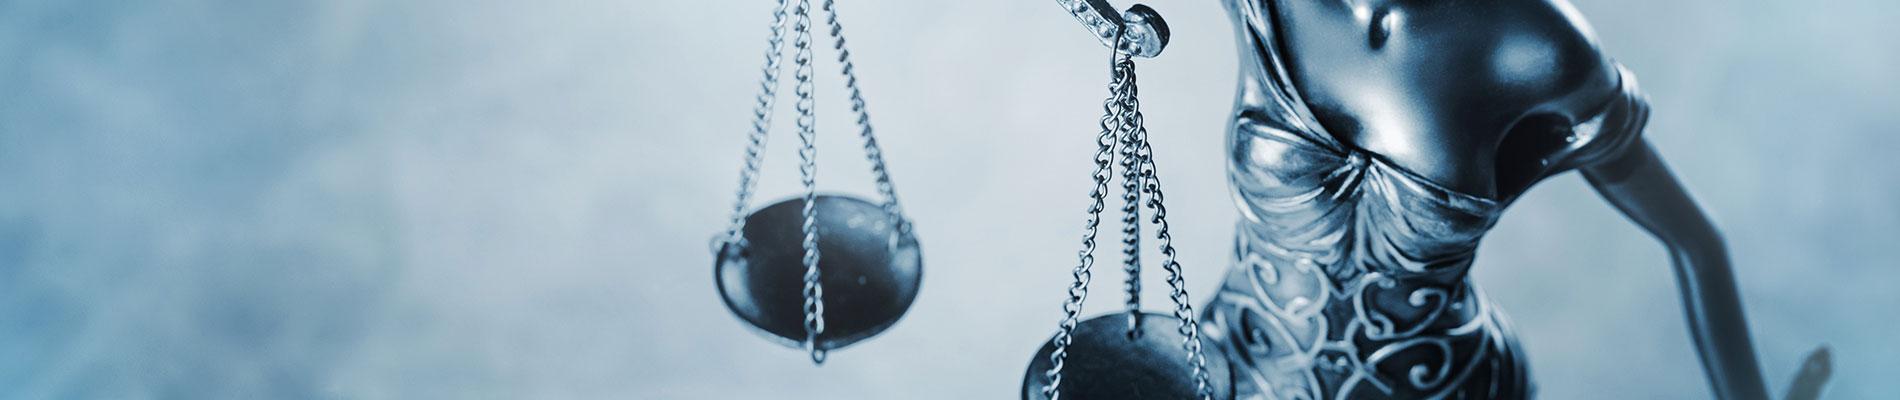 L'exécution de la peine pénale